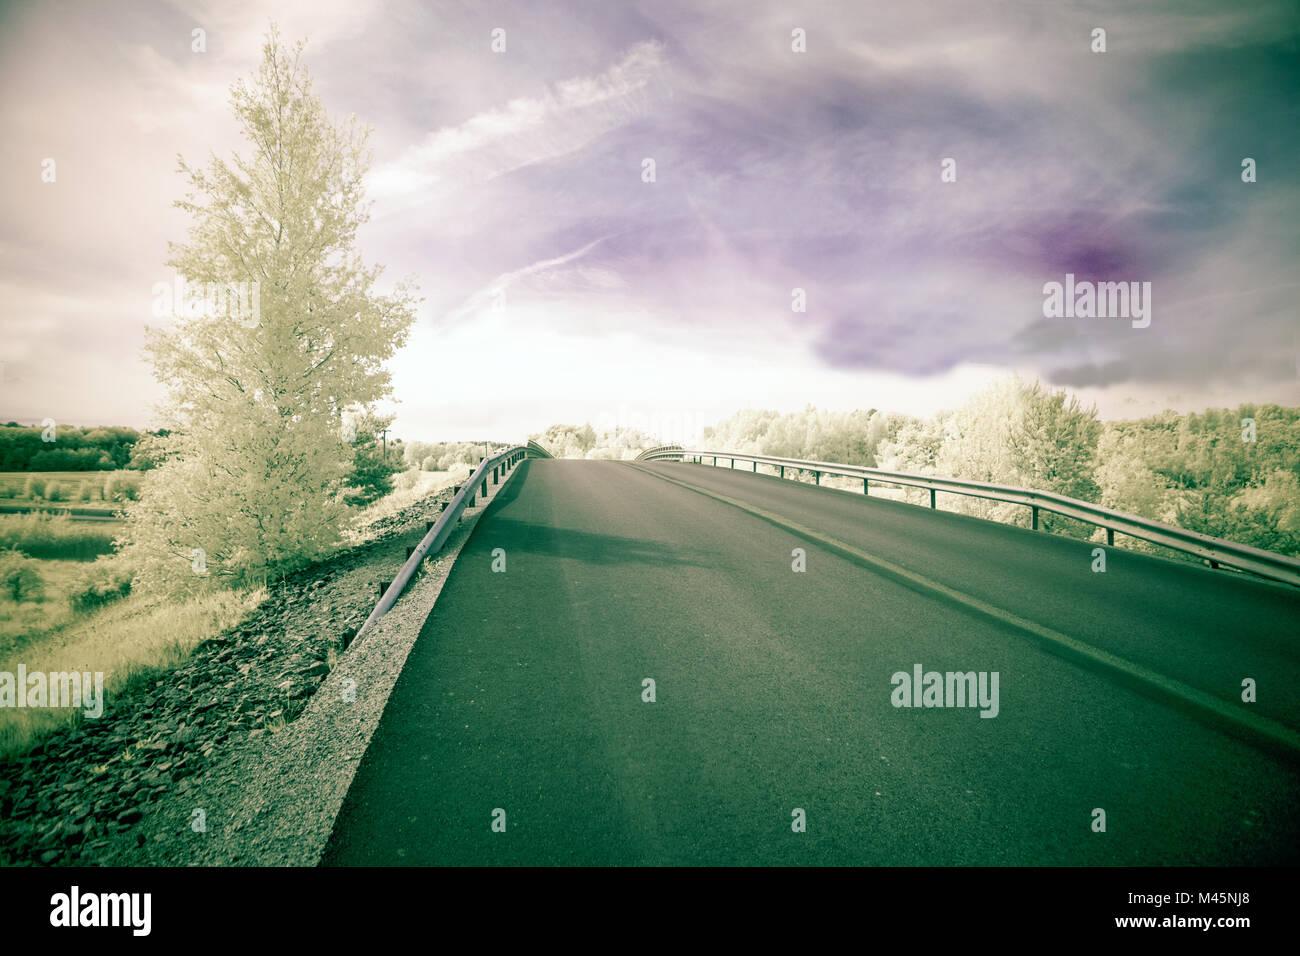 Bridge in ultraviolet - Stock Image